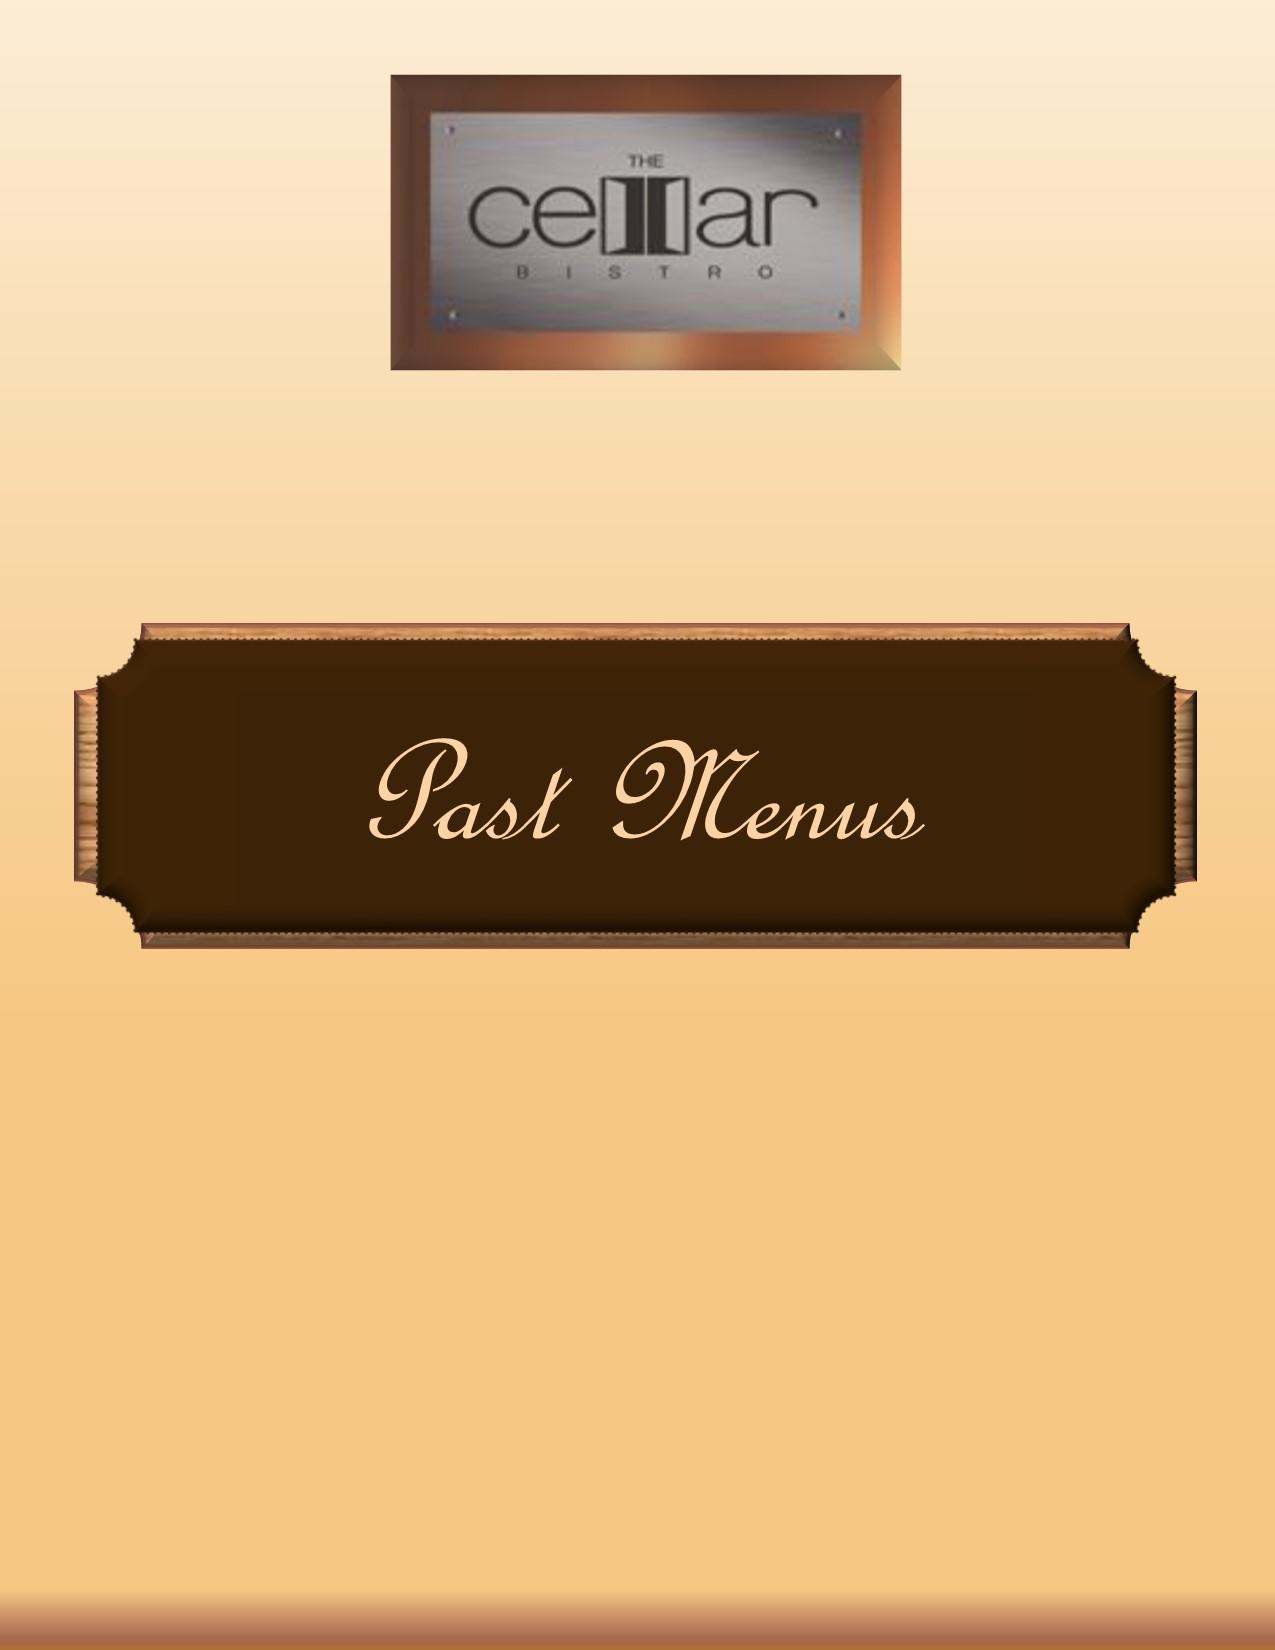 Cellar Bistro Past menus